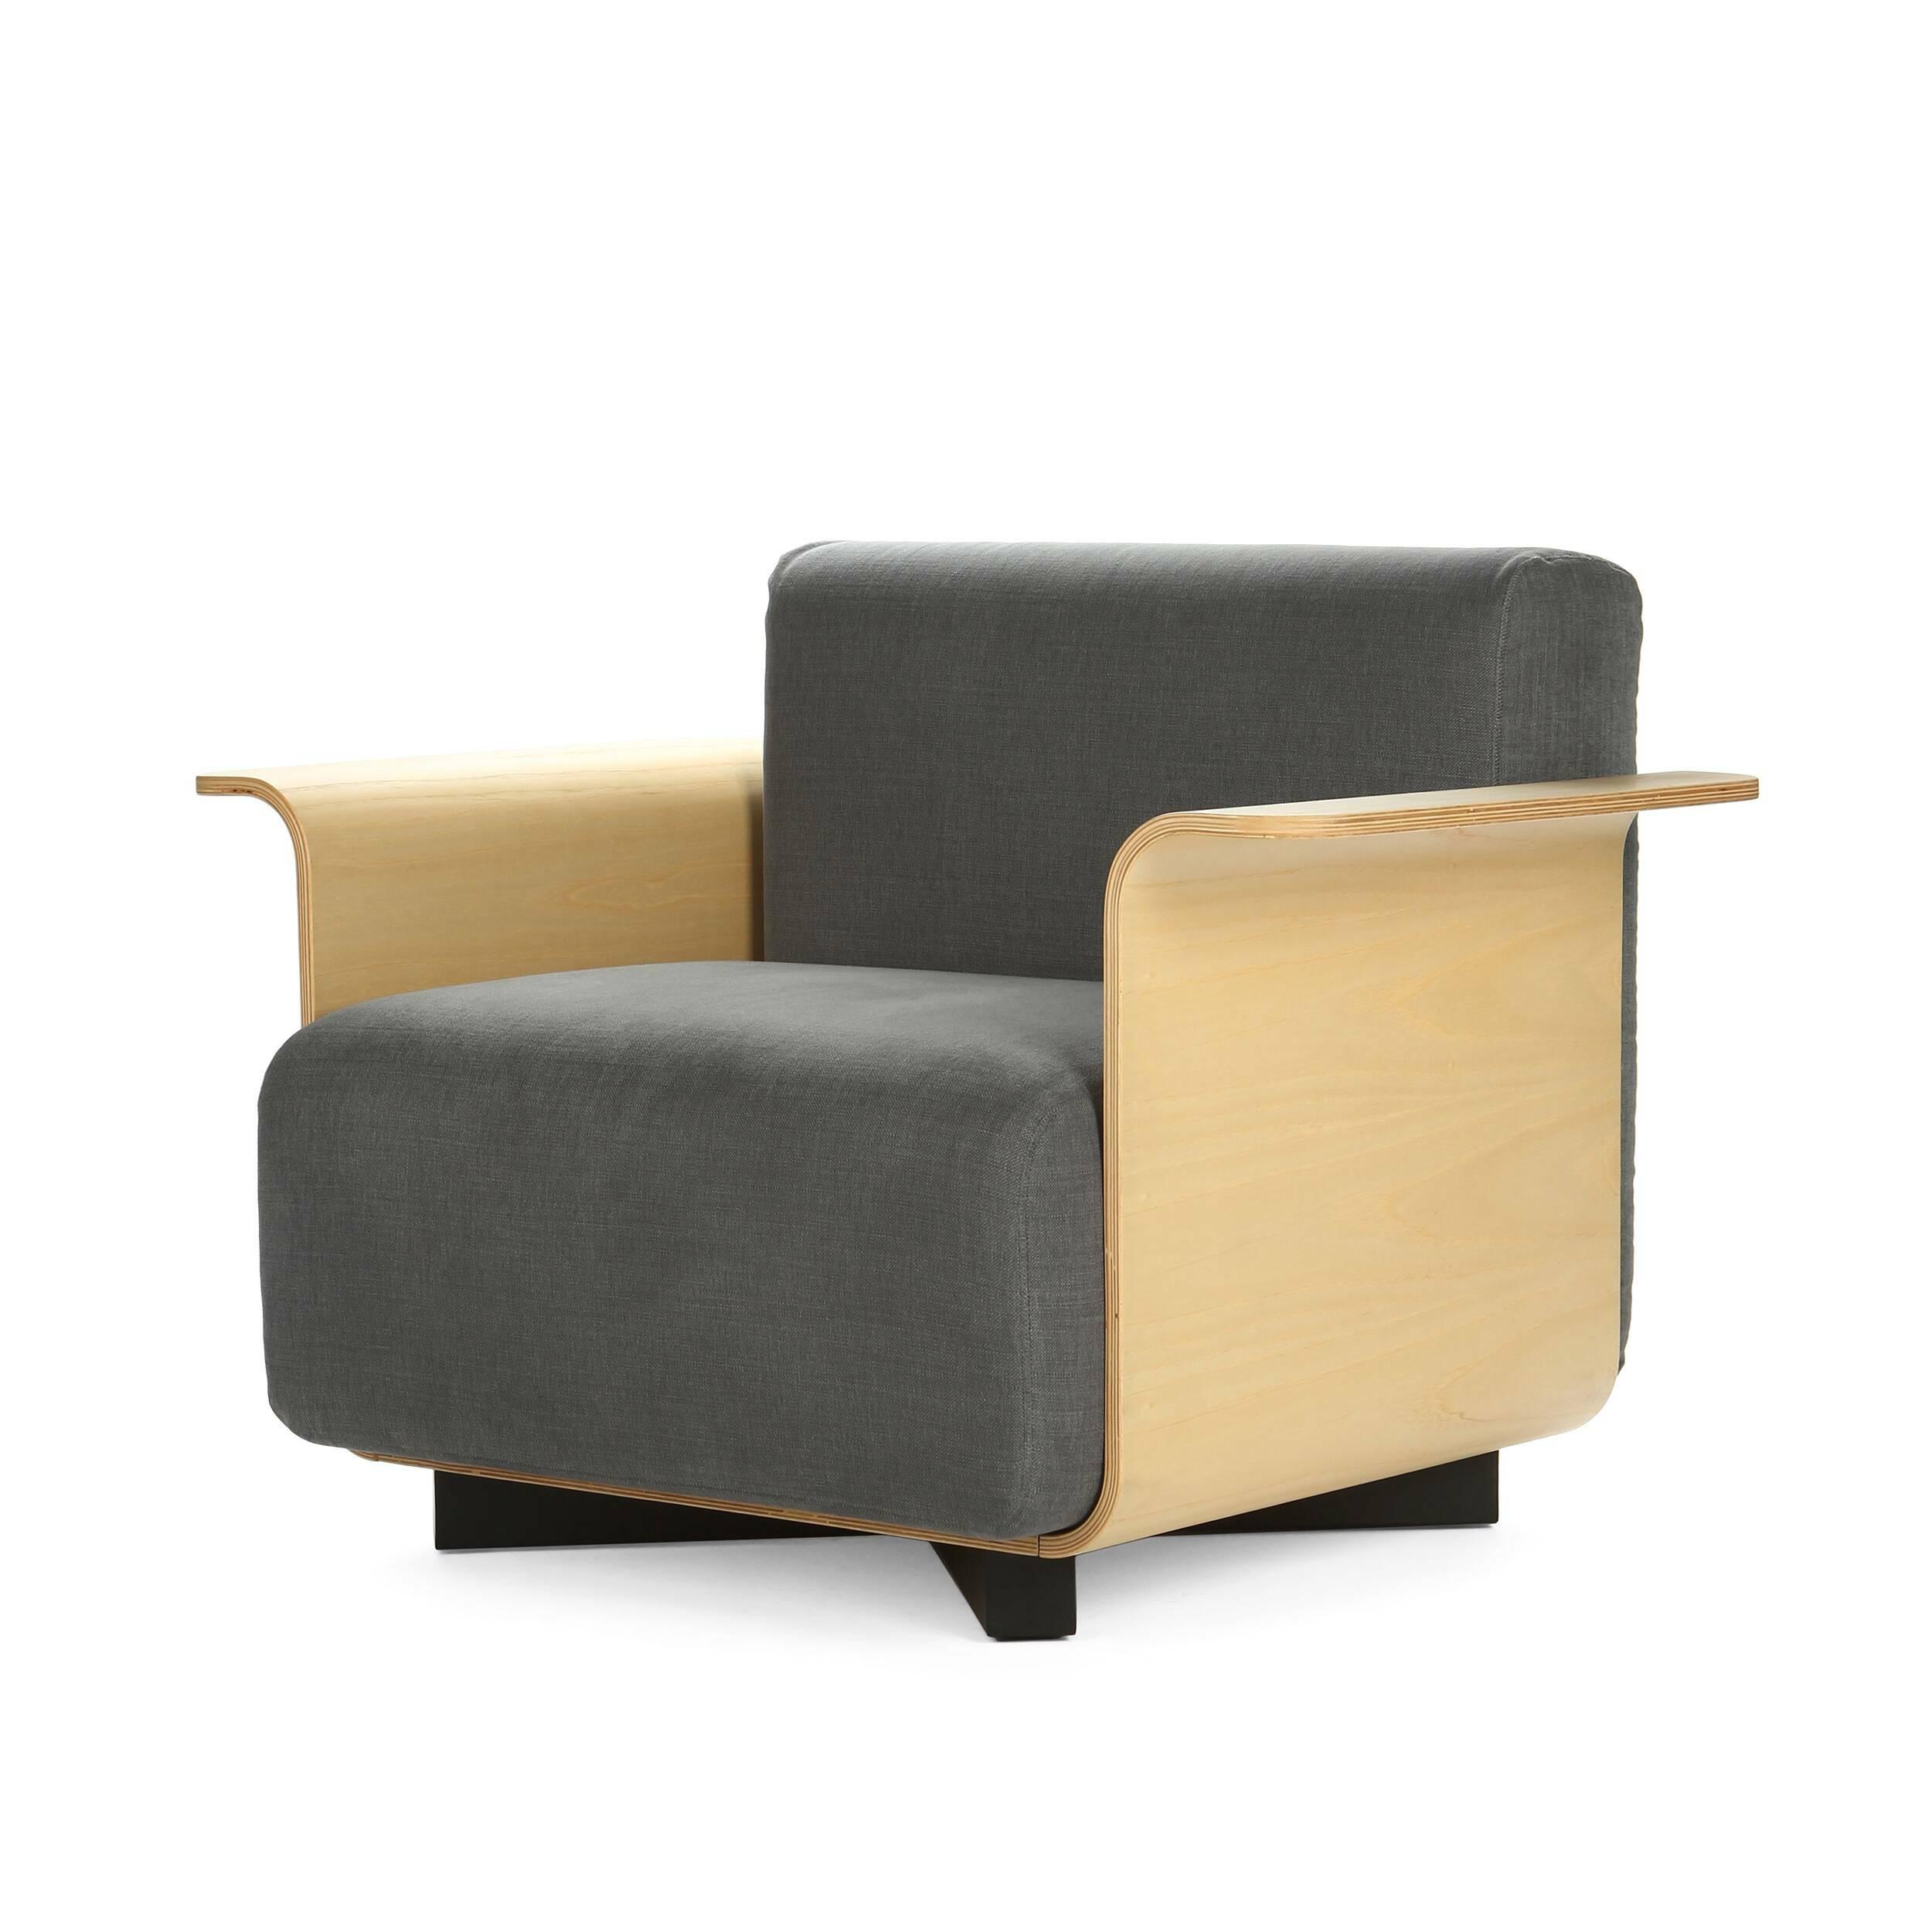 Кресло PebbleИнтерьерные<br>Дизайнерское серое кресло Pebble (Пебл) со стальными ножками и деревянными полокотниками от Cosmo <br><br>Подбирая мебель для небольшой гостиной, важно экономить каждый сантиметр. Громоздкие мягкие тройки порой сильно загромождают помещение, делают его тесным и безвкусным. Однако они не всегда являются необходимостью. Ориентируясь на размер, выберите для себя кресло Pebble — невероятно удобное и компактное.<br> <br> Дизайн кресла Pebble выполнен в привычном современном стиле. Все детали и материалы...<br><br>stock: 2<br>Высота сиденья: 41<br>Ширина: 100<br>Глубина: 53<br>Цвет ножек: Черный<br>Материал каркаса: Фанера, шпон дуба<br>Материал обивки: Хлопок, Лен<br>Тип материала каркаса: Фанера<br>Коллекция ткани: Ray Fabric<br>Тип материала обивки: Ткань<br>Тип материала ножек: Сталь<br>Цвет обивки: Серый<br>Цвет каркаса: Дуб